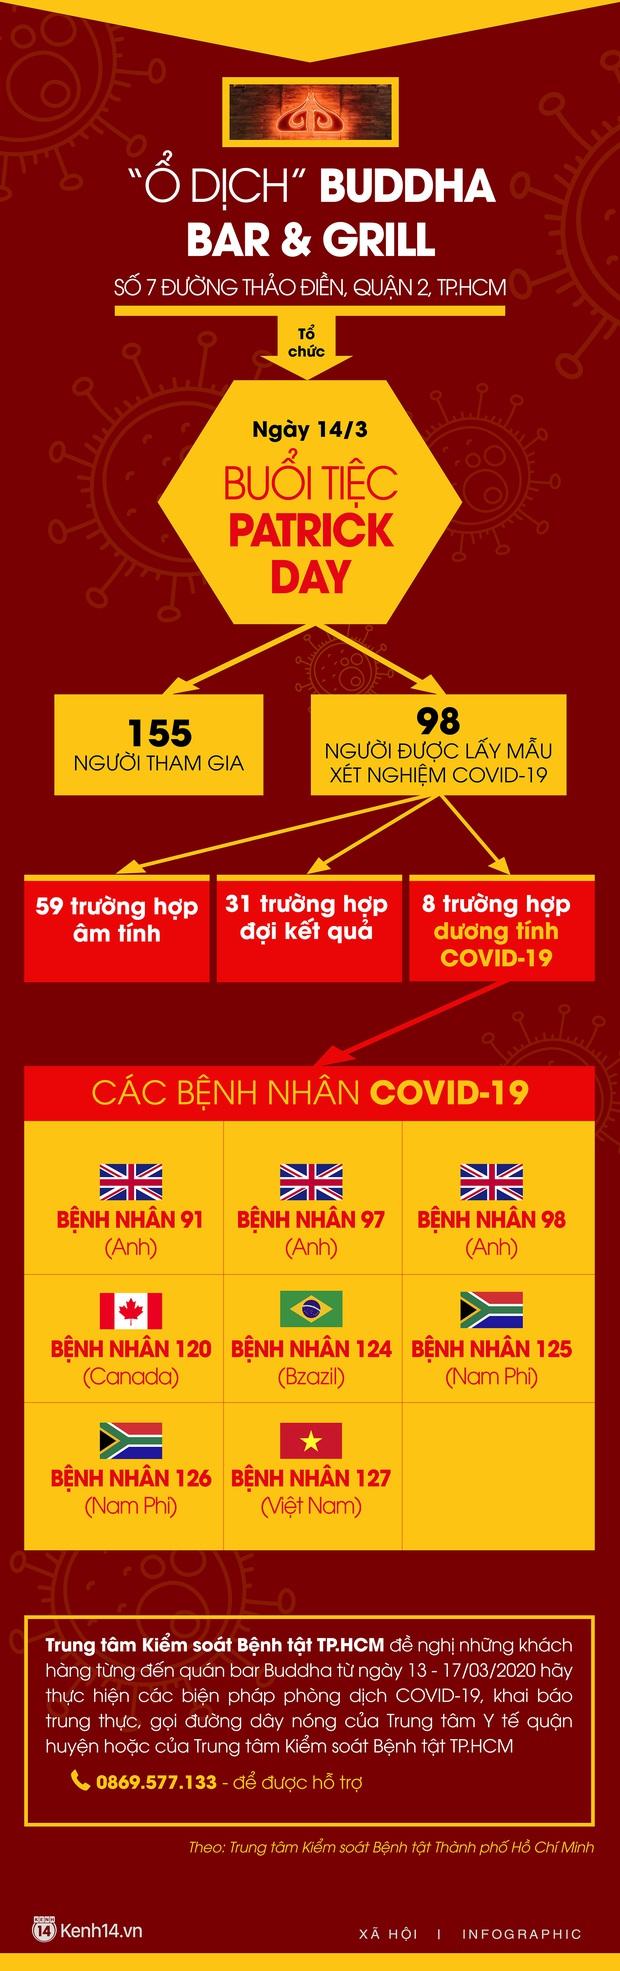 Dịch Covid-19 ngày 26/3: 148 ca nhiễm Covid-19 trên cả nước, không có chuyện phong tỏa toàn bộ TP.HCM - Ảnh 15.